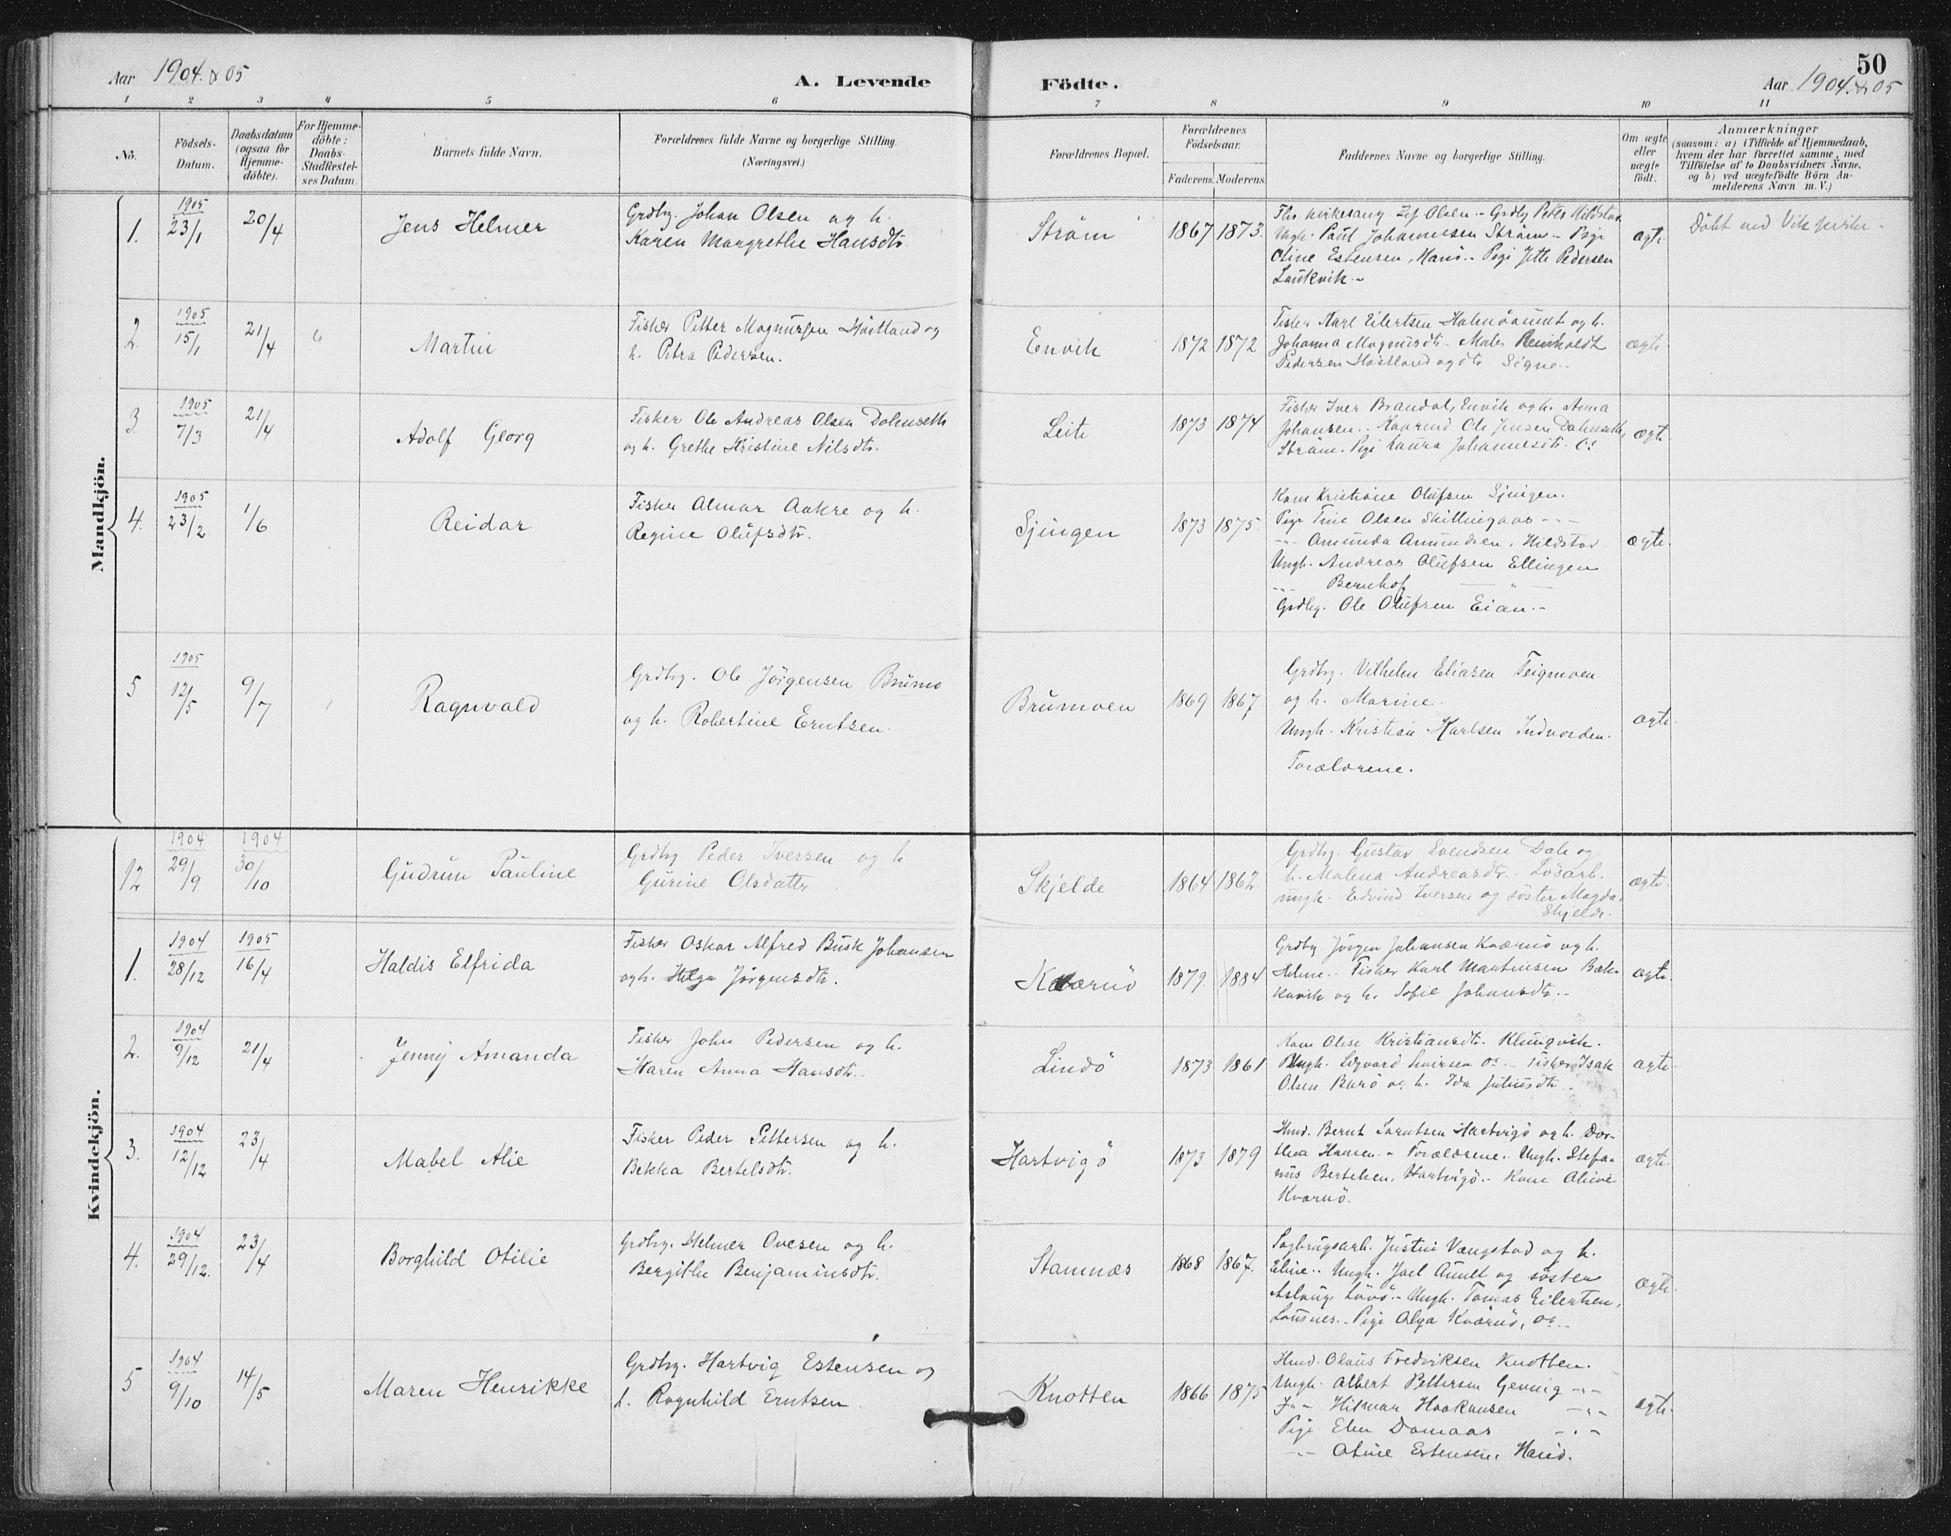 SAT, Ministerialprotokoller, klokkerbøker og fødselsregistre - Nord-Trøndelag, 772/L0603: Ministerialbok nr. 772A01, 1885-1912, s. 50